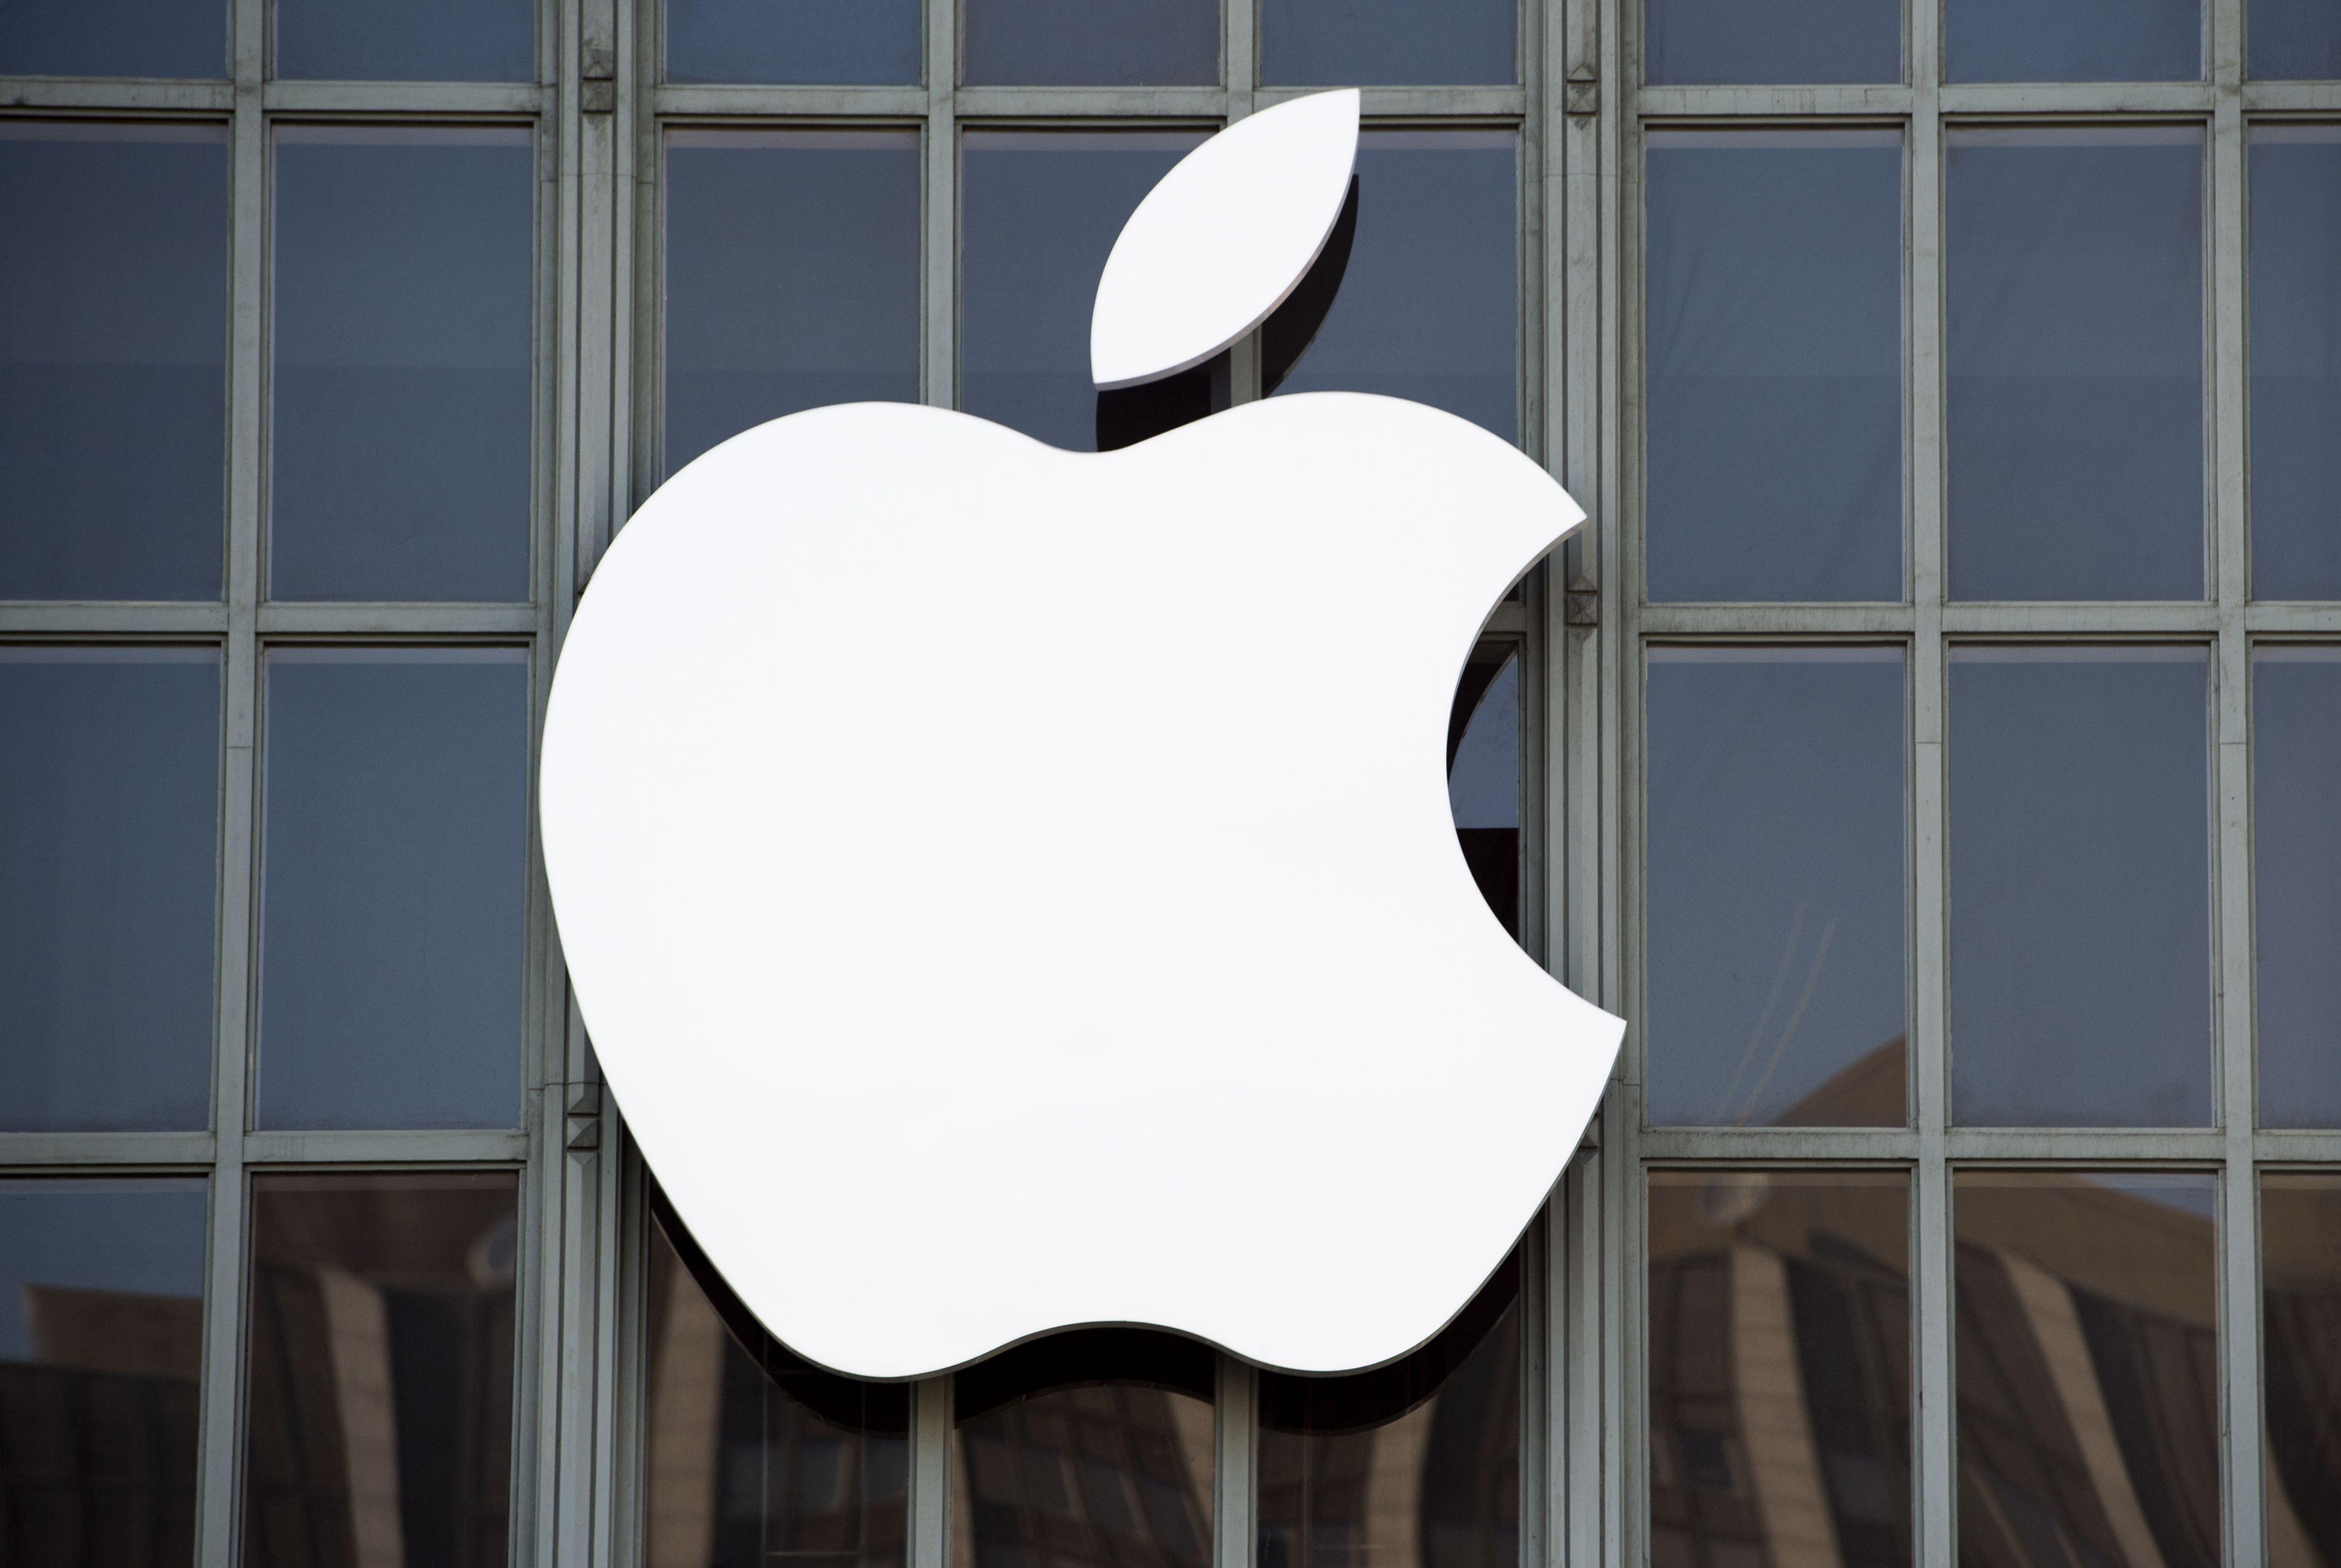 苹果再降价:iPhone最高降500元,14日内购买可退差价